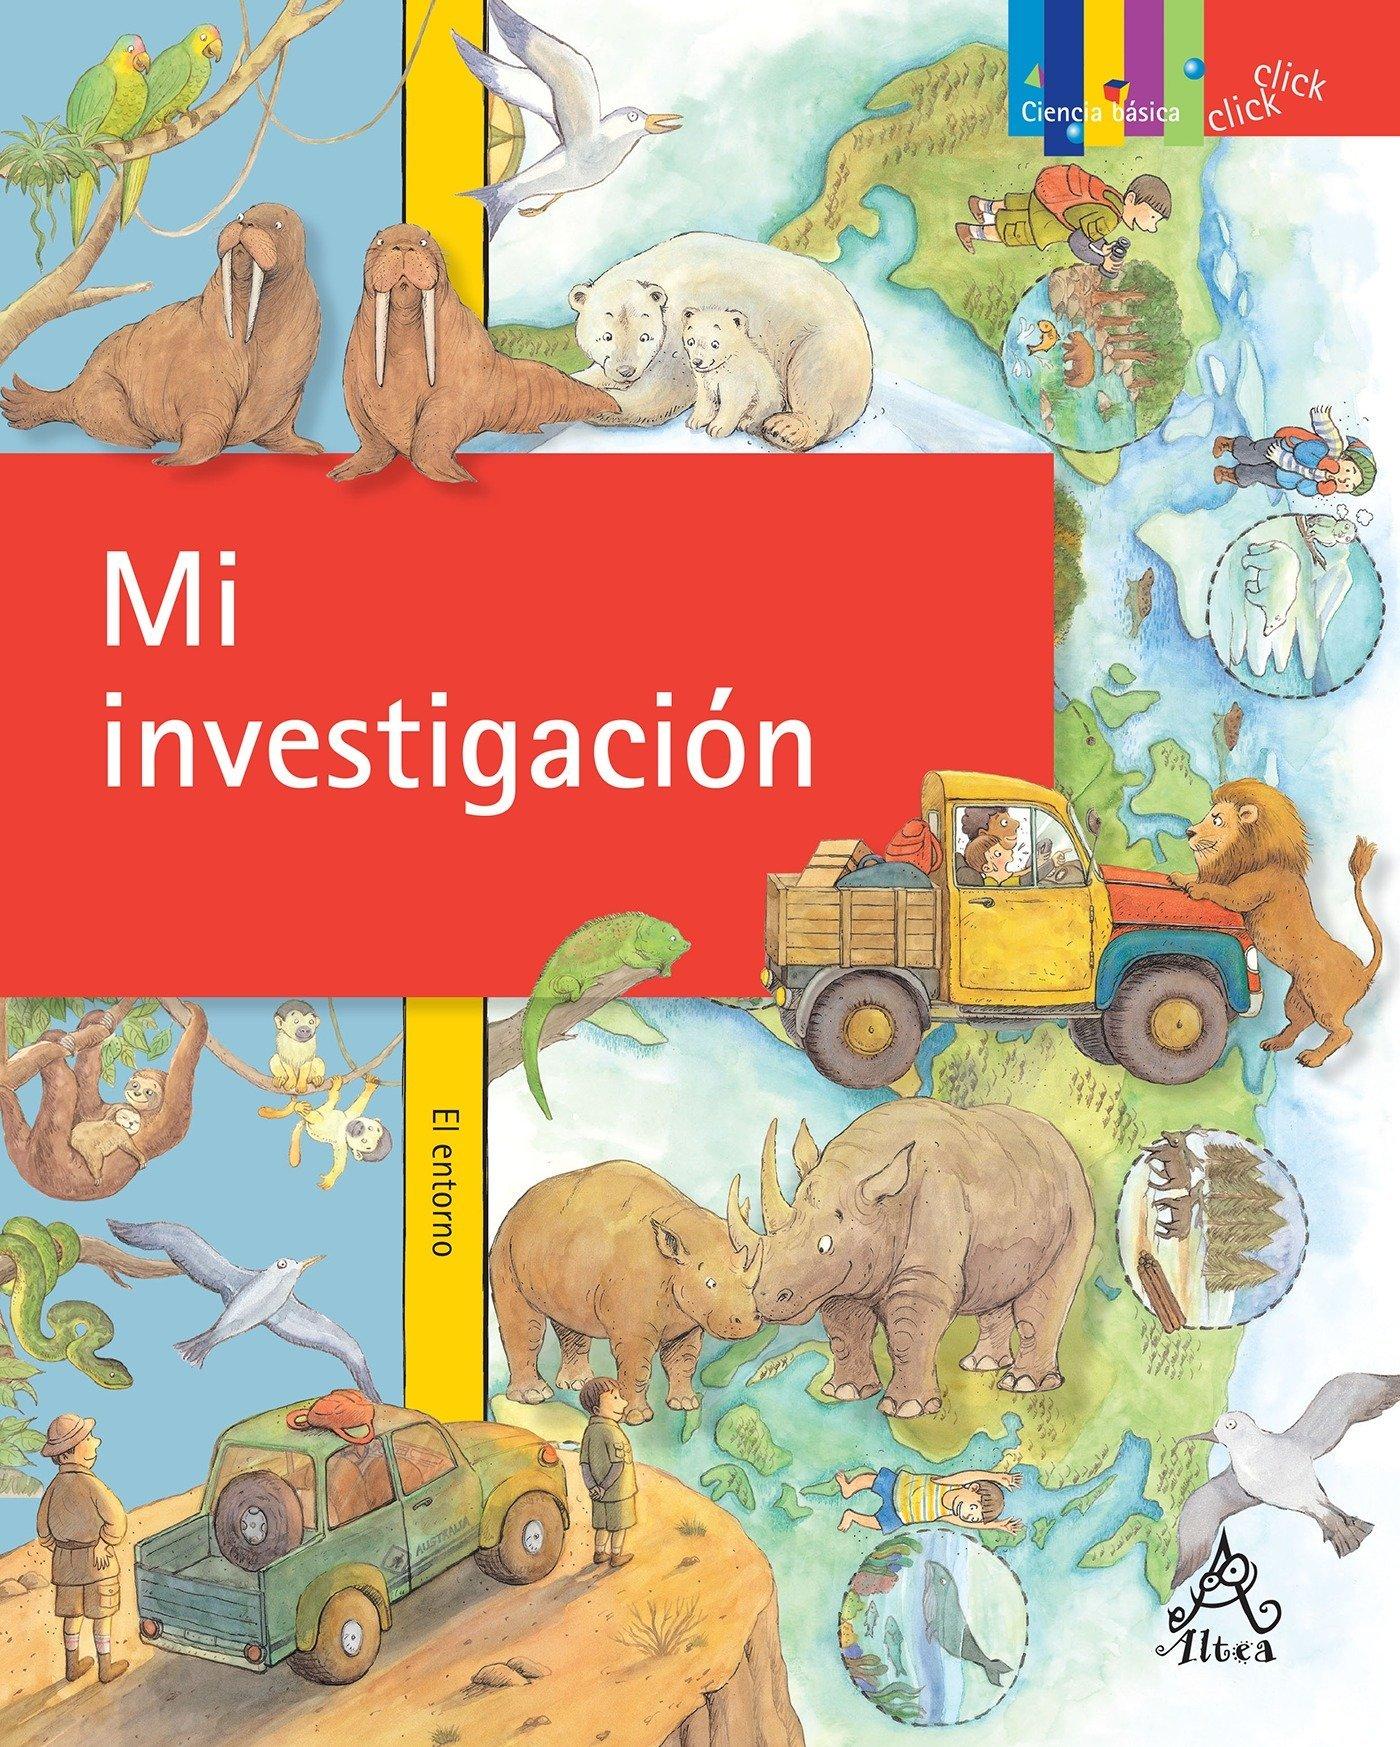 Mi investigación (Click Click: Ciencia Básica / Basic Science) (Spanish Edition)